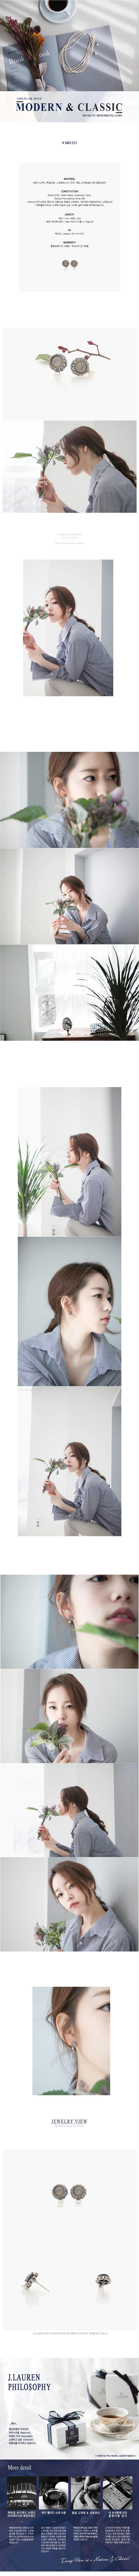 제이로렌 M01321 엔틱한 컬러감의 진주 스와로브스키 귀걸이 - 바이데이지, 28,000원, 진주/원석, 볼귀걸이